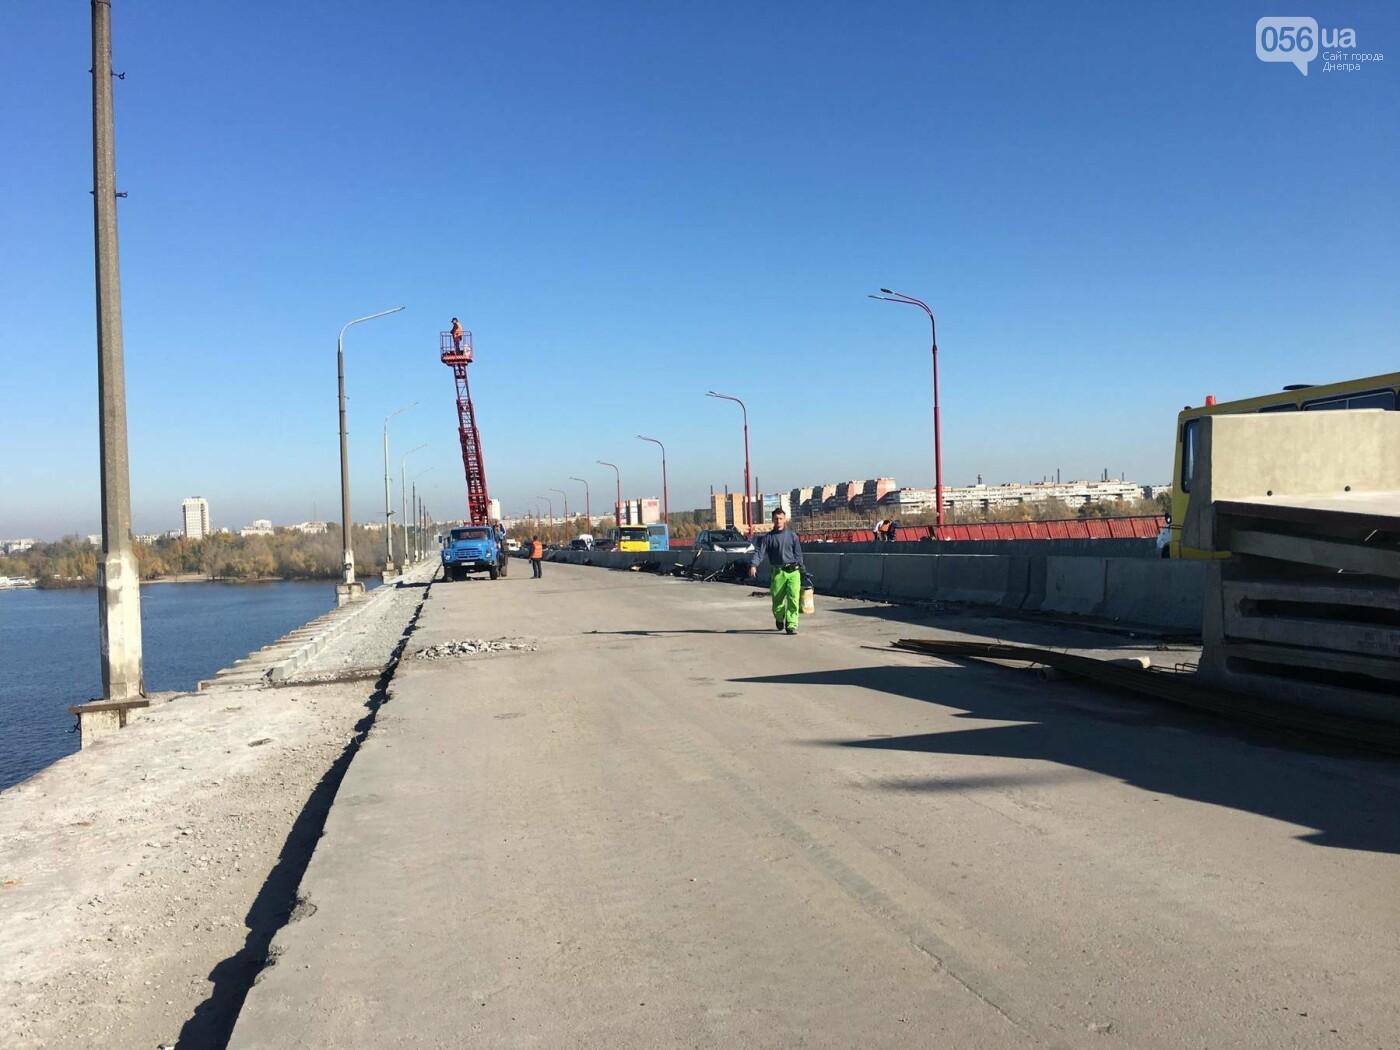 На Новом мосту в Днепре продолжает падать фонарный столб: что с ним будут делать, - ФОТО,  ВИДЕО, фото-7